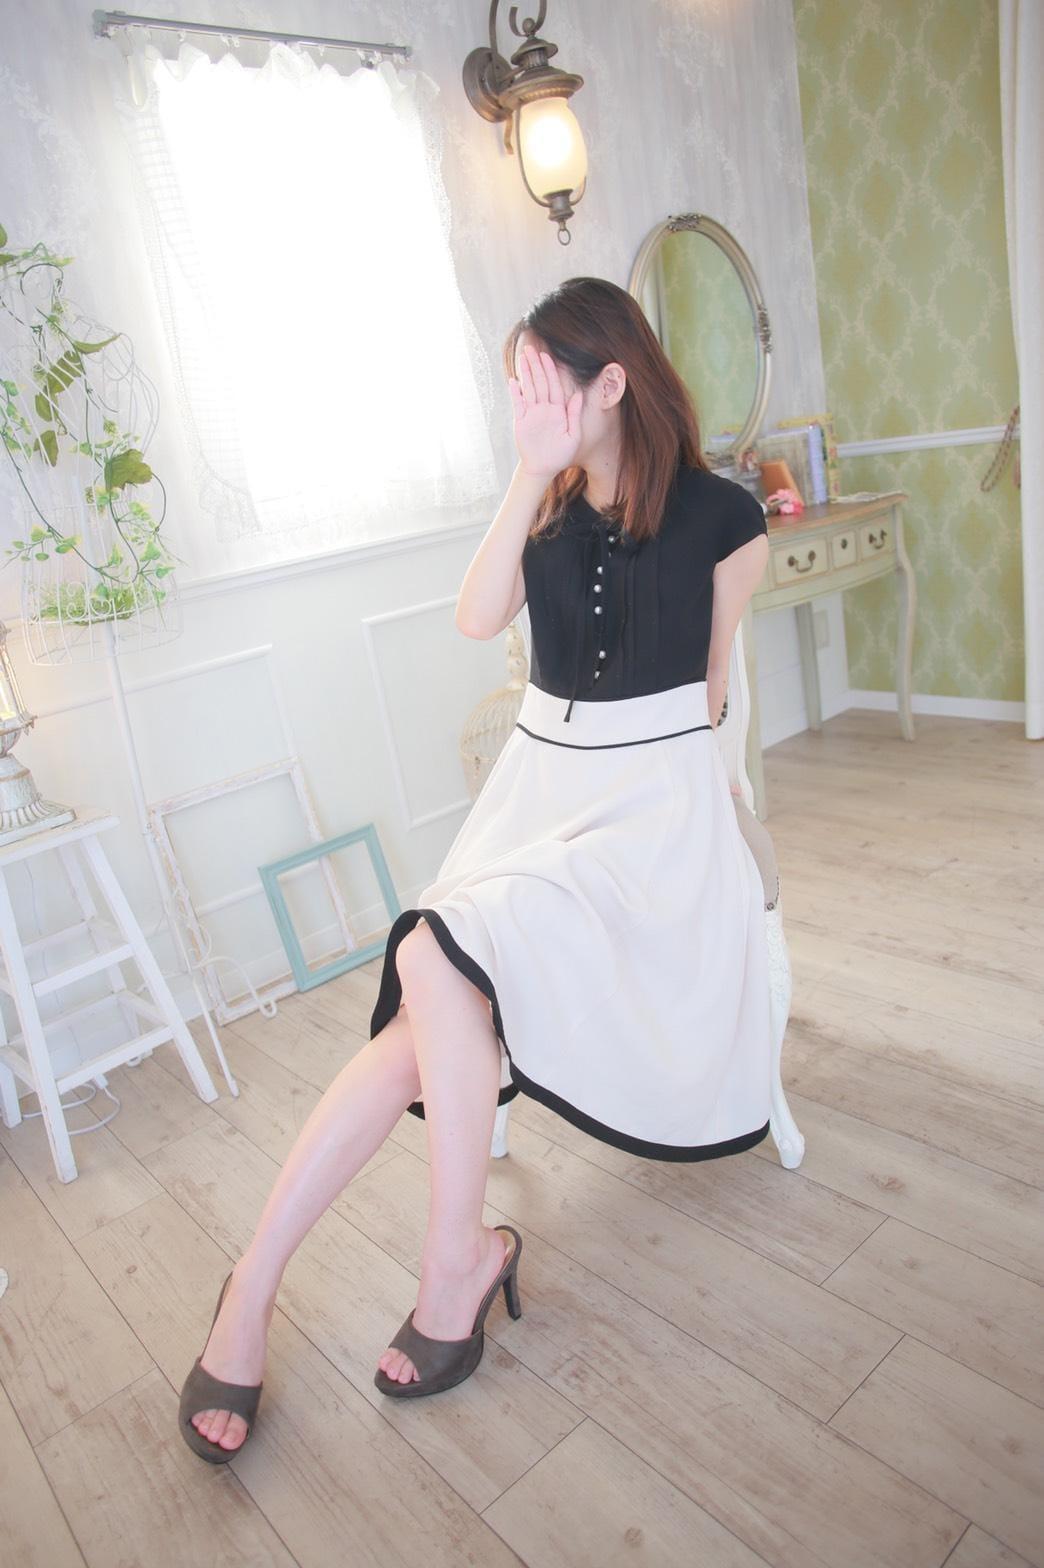 「出勤です」12/03(12/03) 12:13 | こよみの写メ・風俗動画